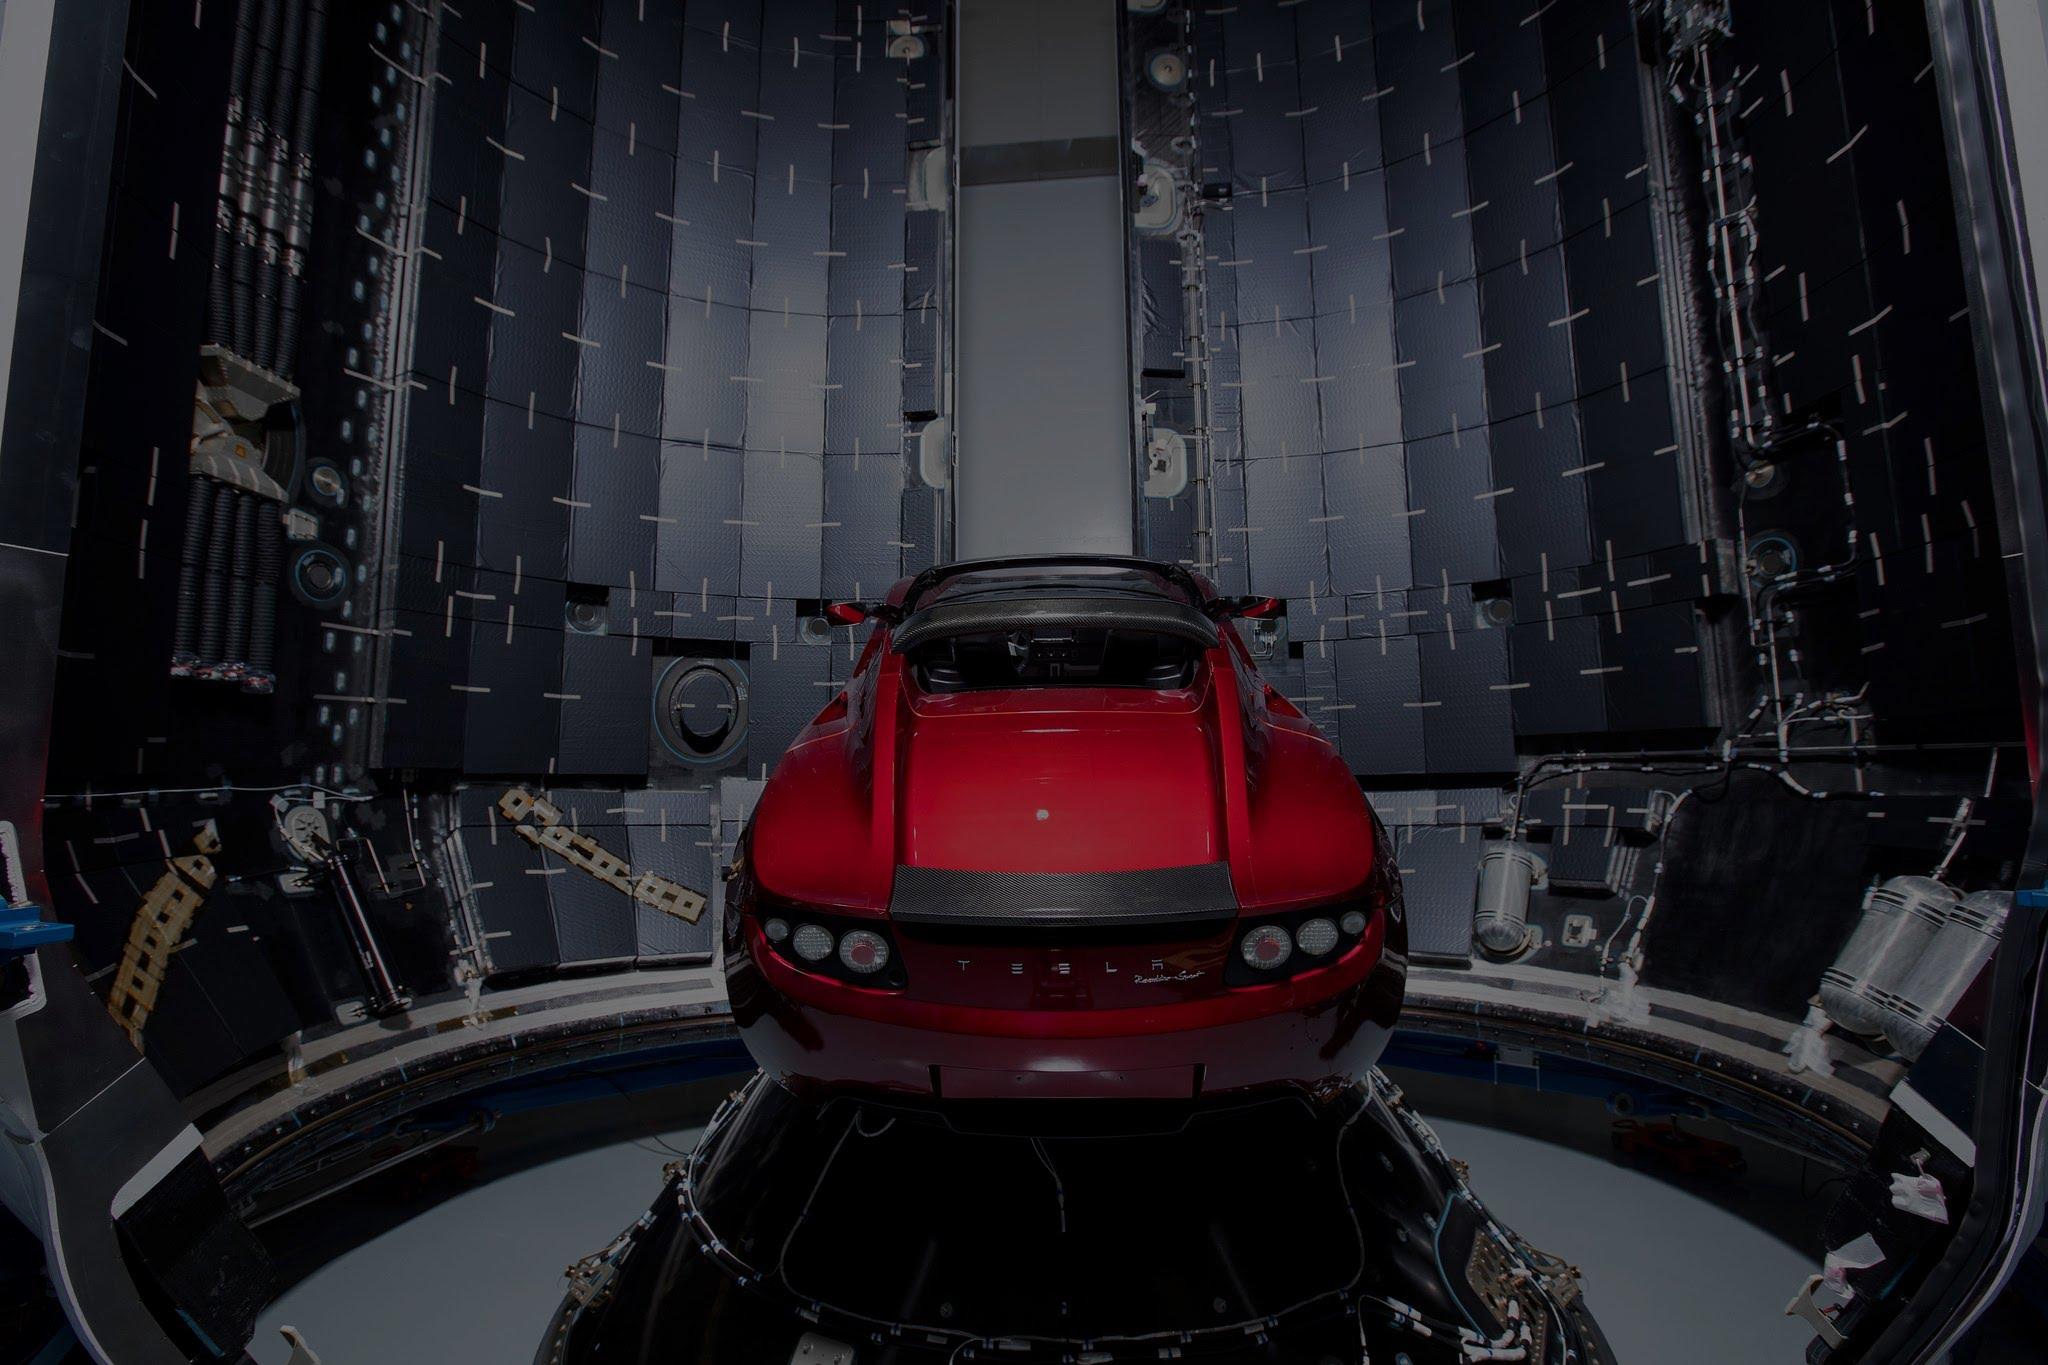 ¡Atención! ¡Hay un Tesla recorriendo el espacio!